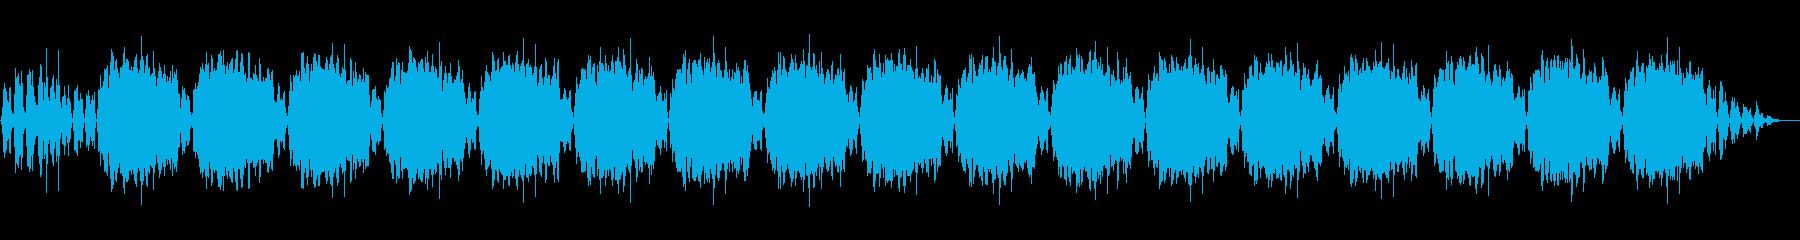 心が落ち着くバックグラウンドミュージックの再生済みの波形